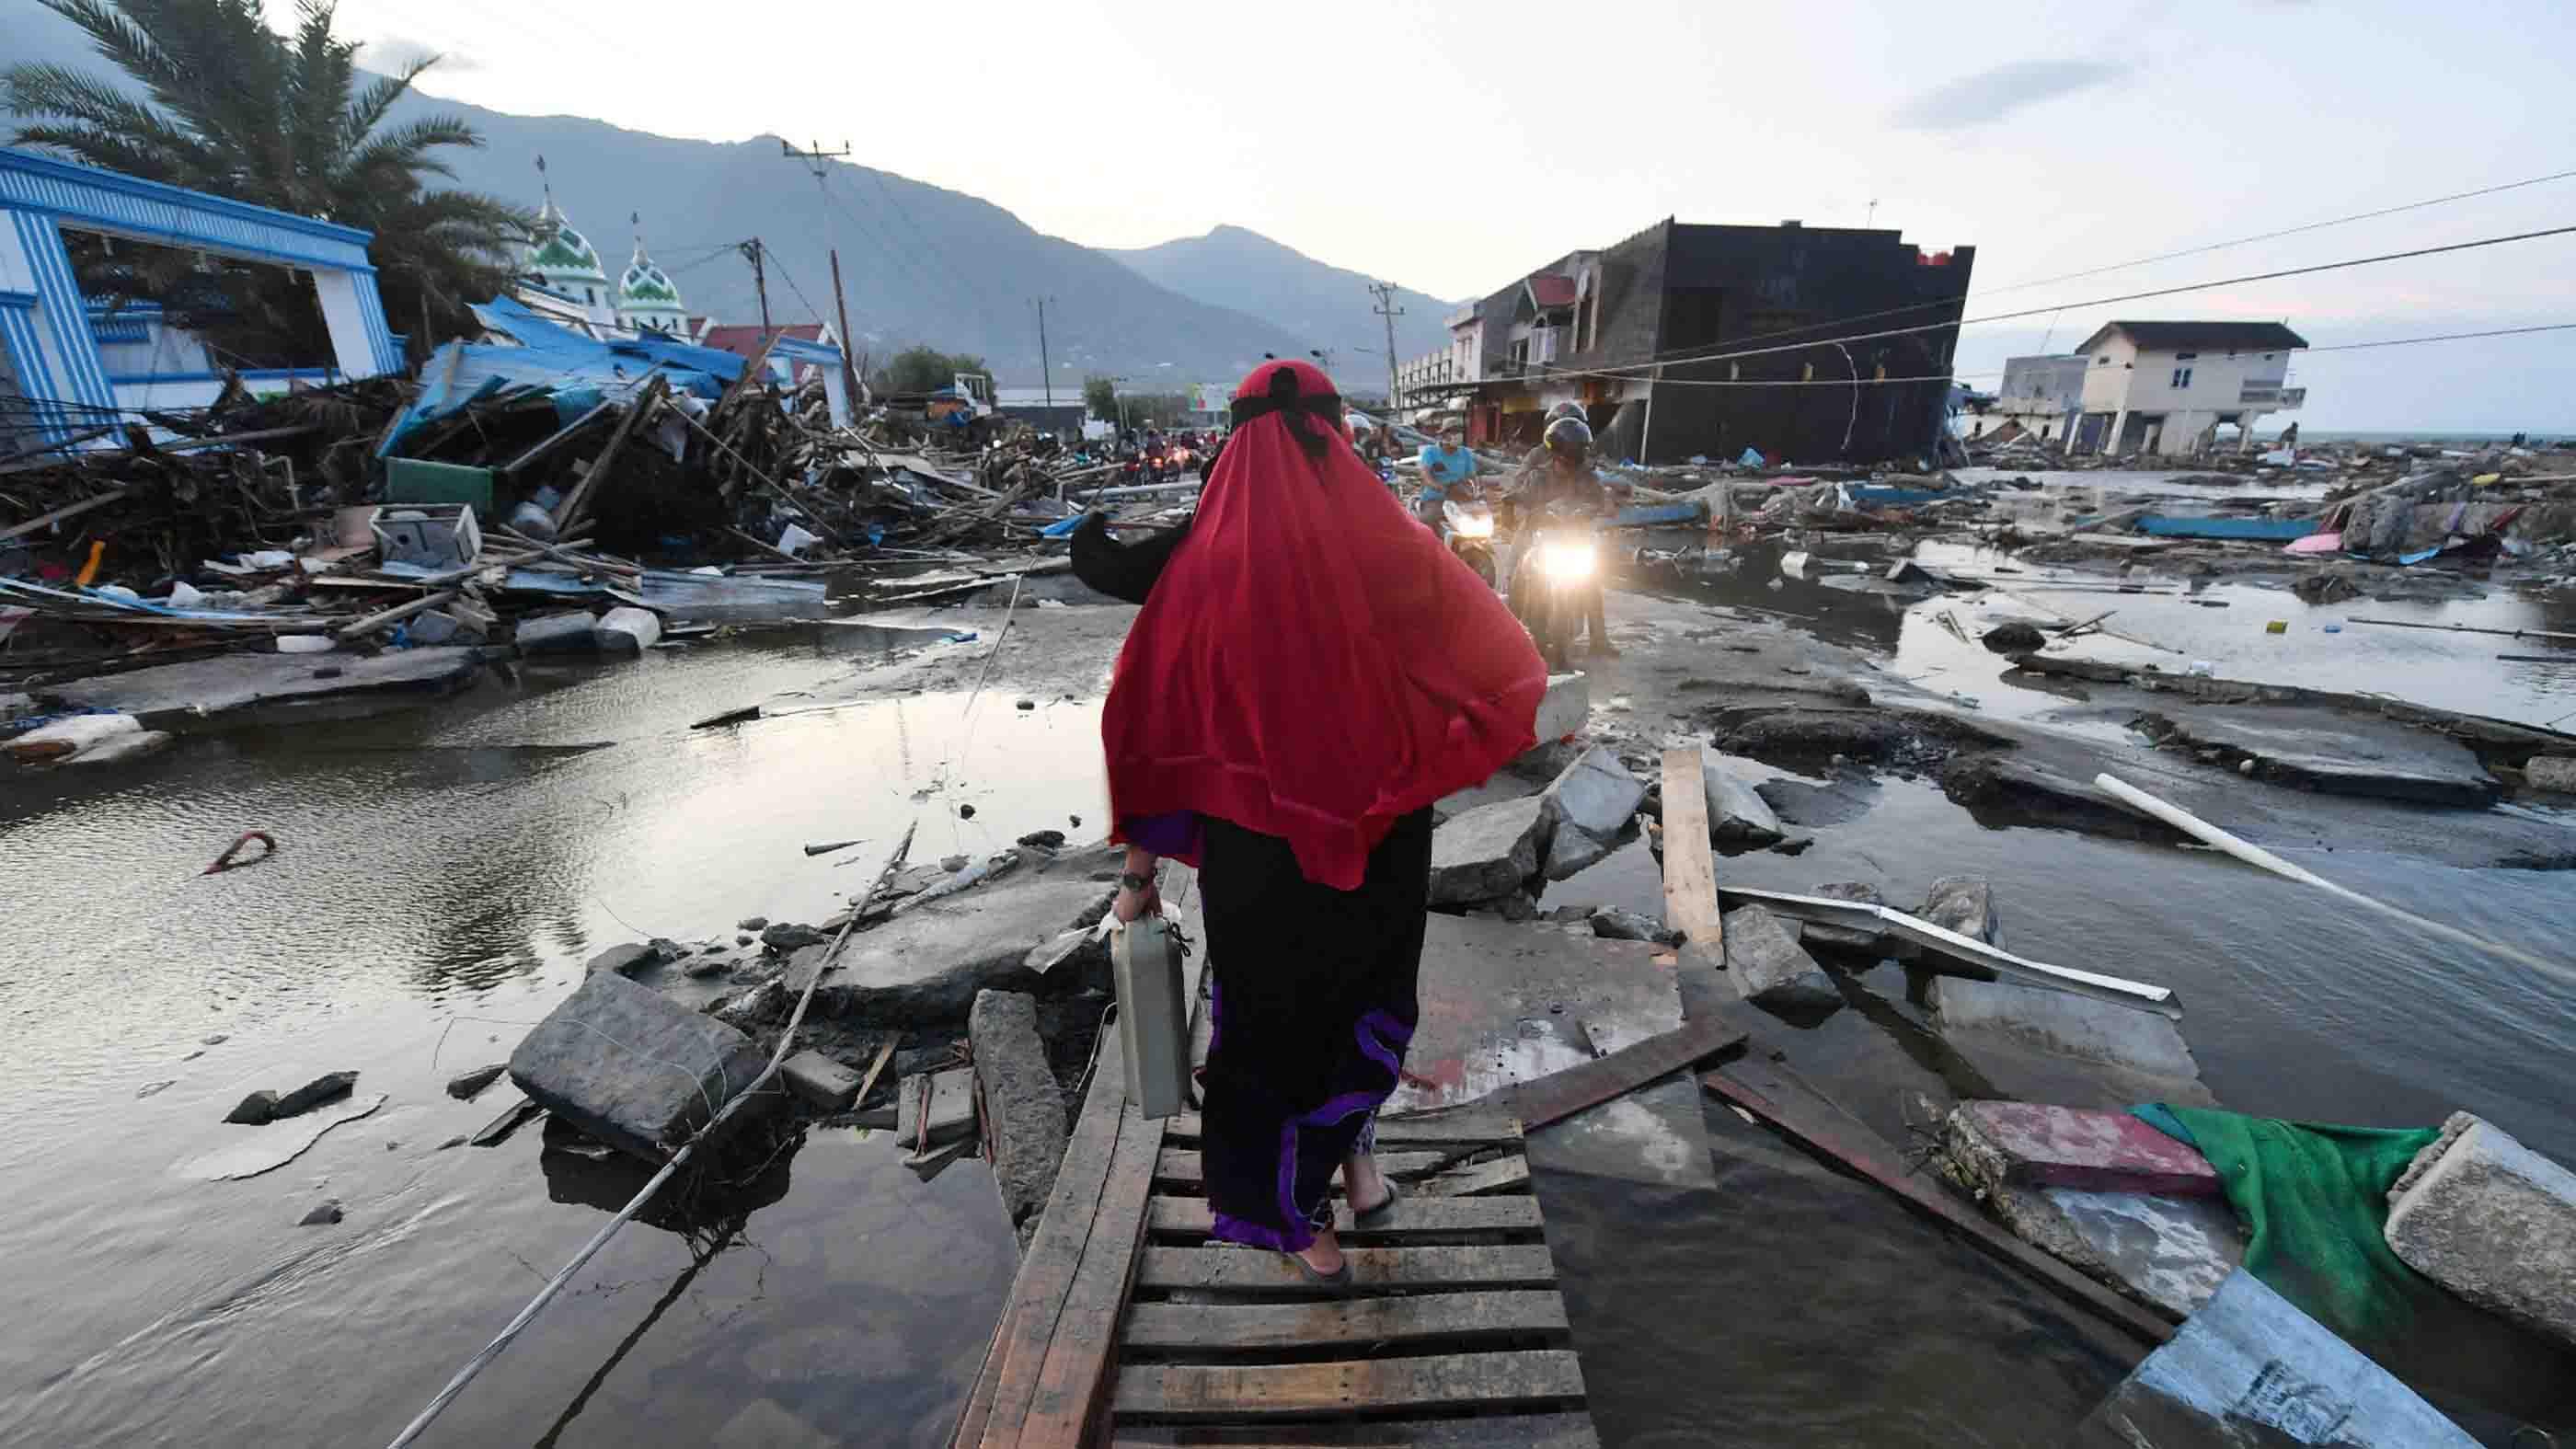 Fuentes oficiales reseñan que el maremoto fue producto de undesprendimiento de tierra bajo el agua causado por la erupción del volcán Anak Krakatoa